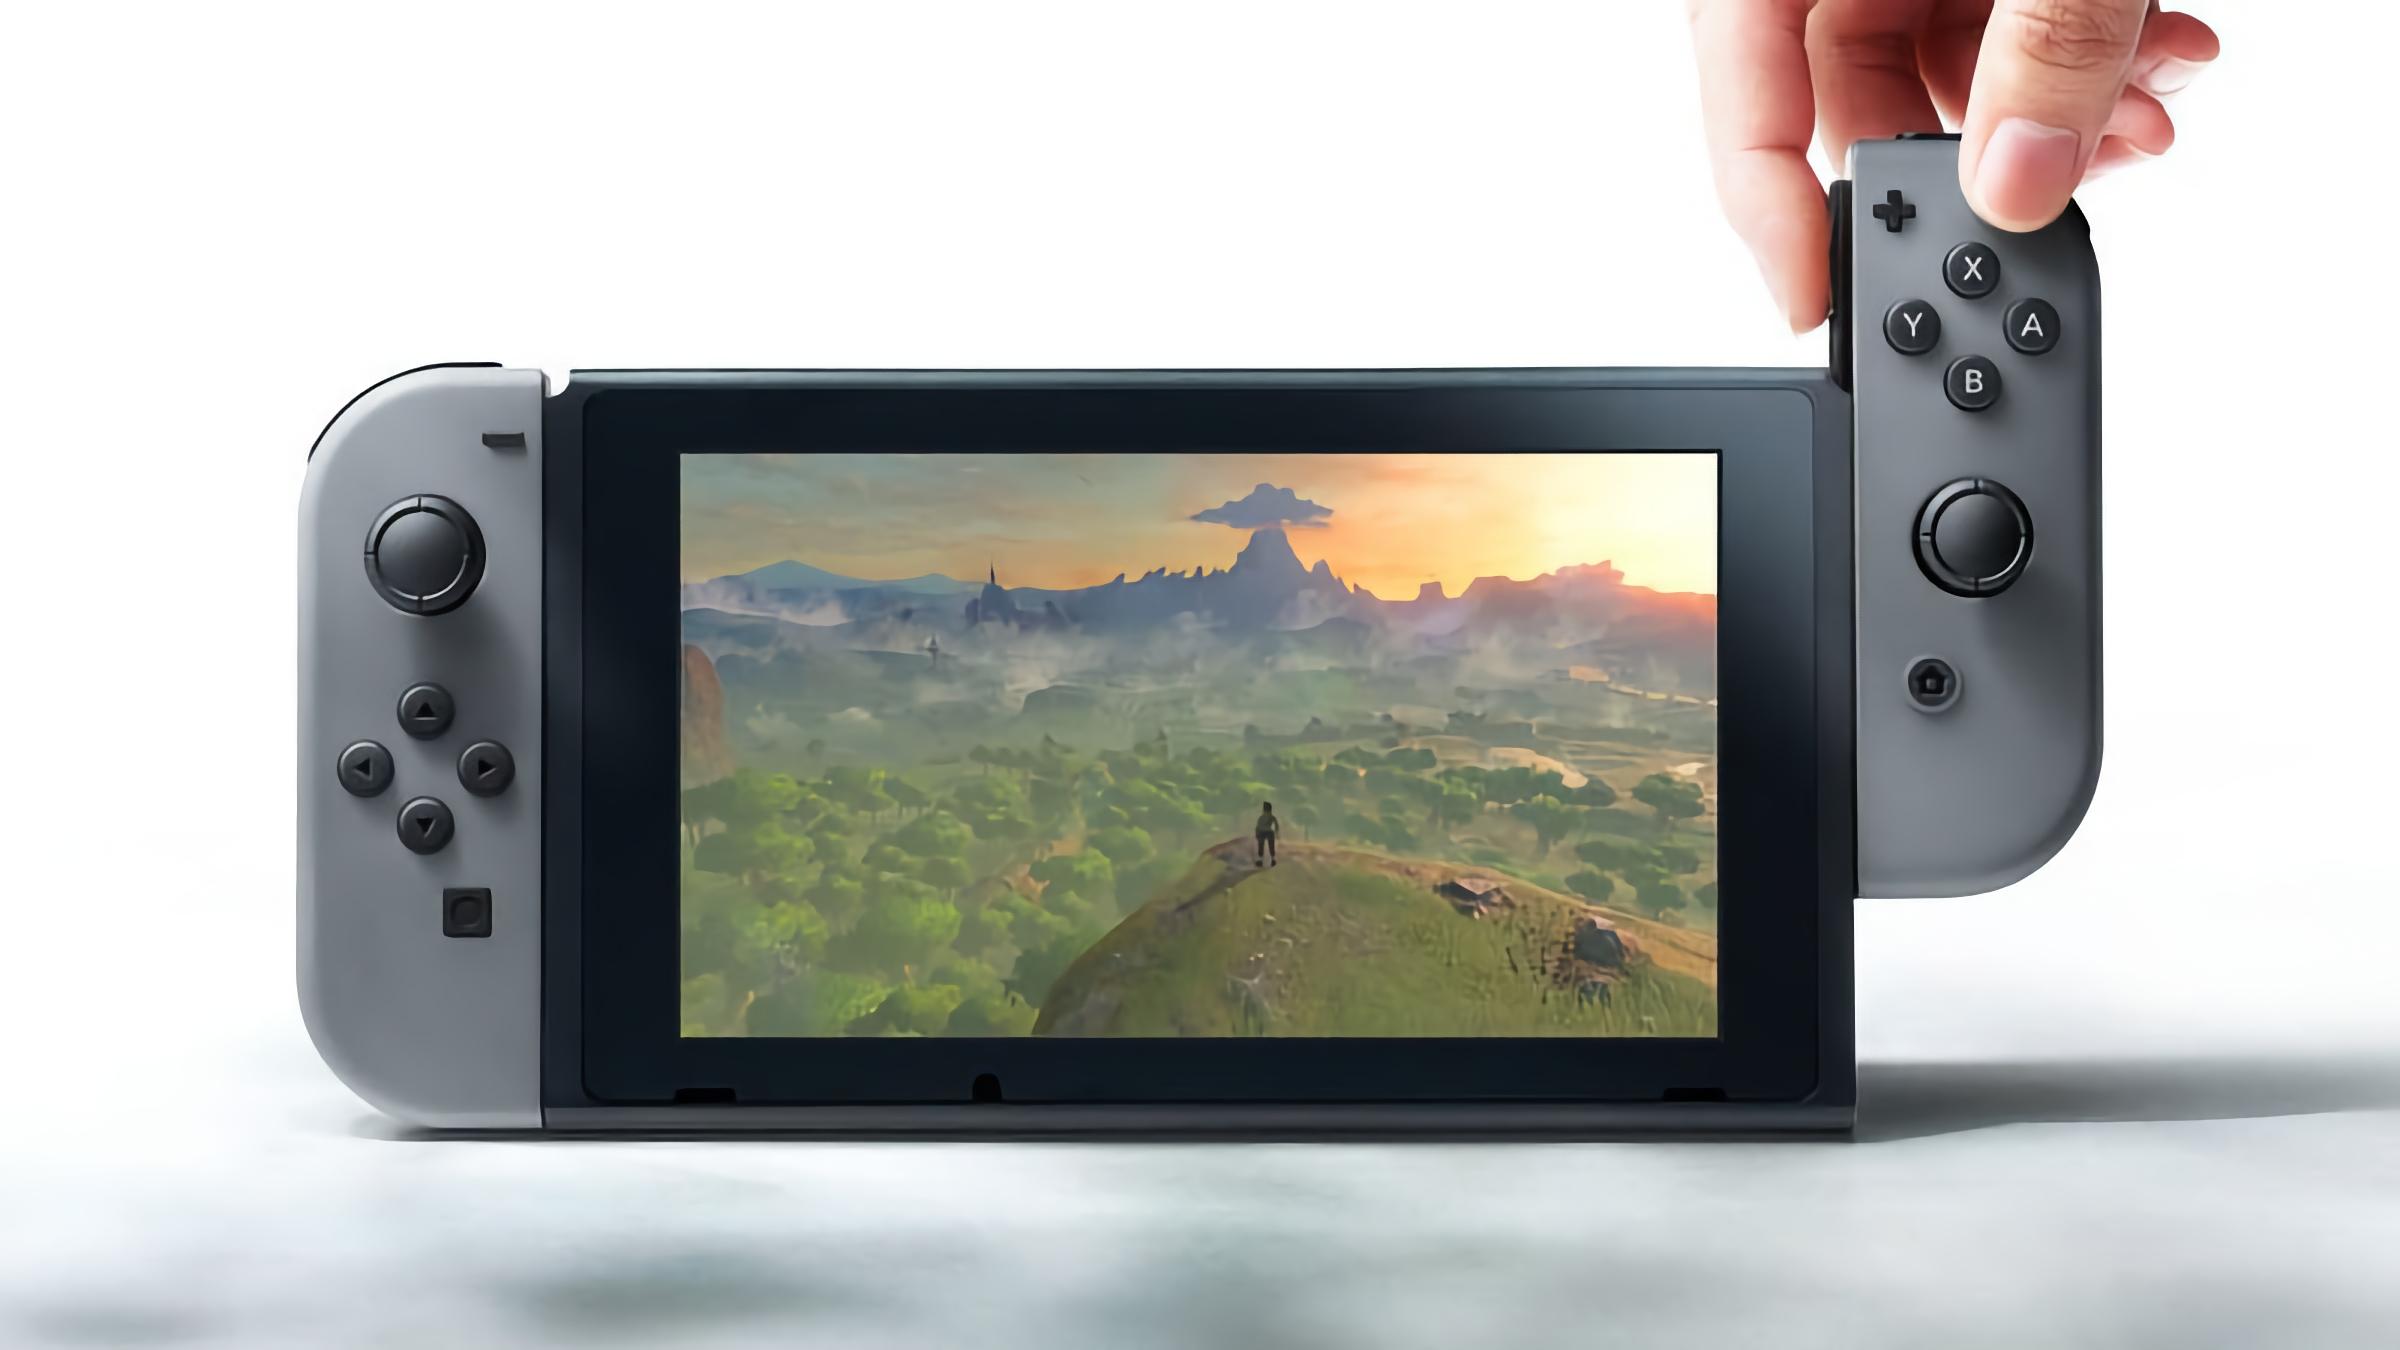 Вот это поворот: Qualcomm работает над конкурентом Nintendo Switch с Android 12 на борту, 5G и батареей на 6000 мАч